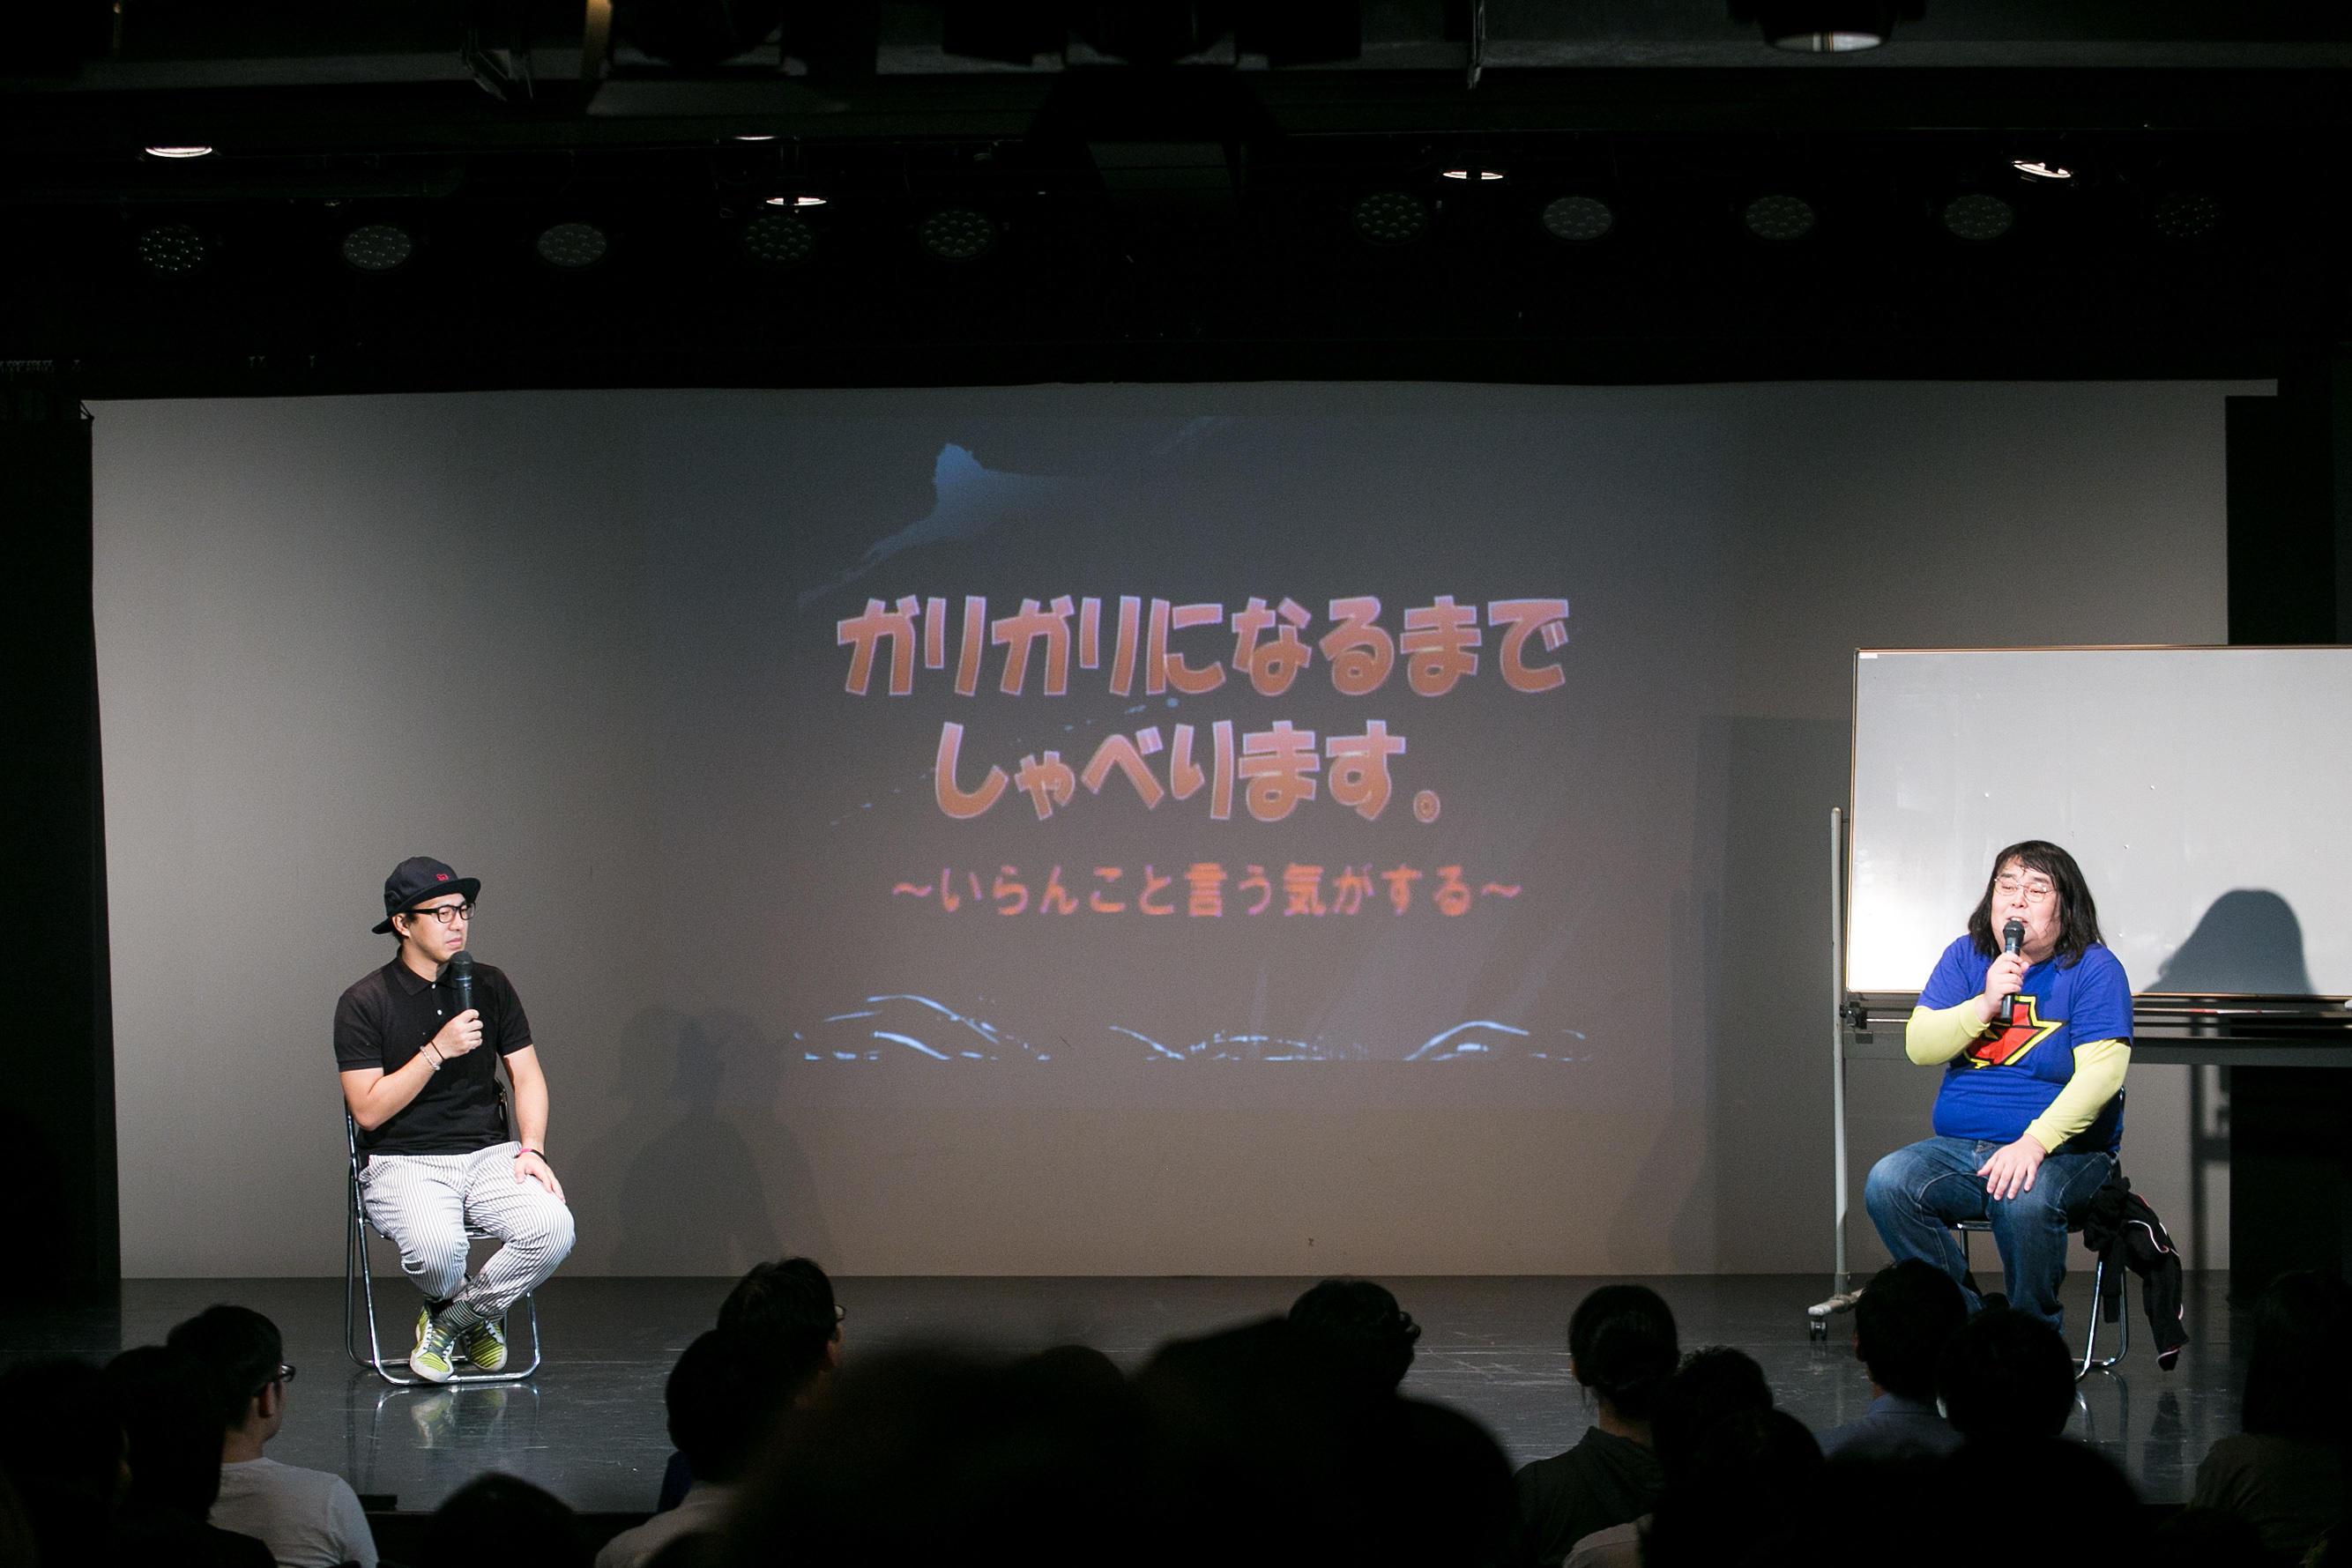 http://news.yoshimoto.co.jp/20180915211329-c095c336b7c6d48f06c28d5e8edda211ff59efa2.jpg